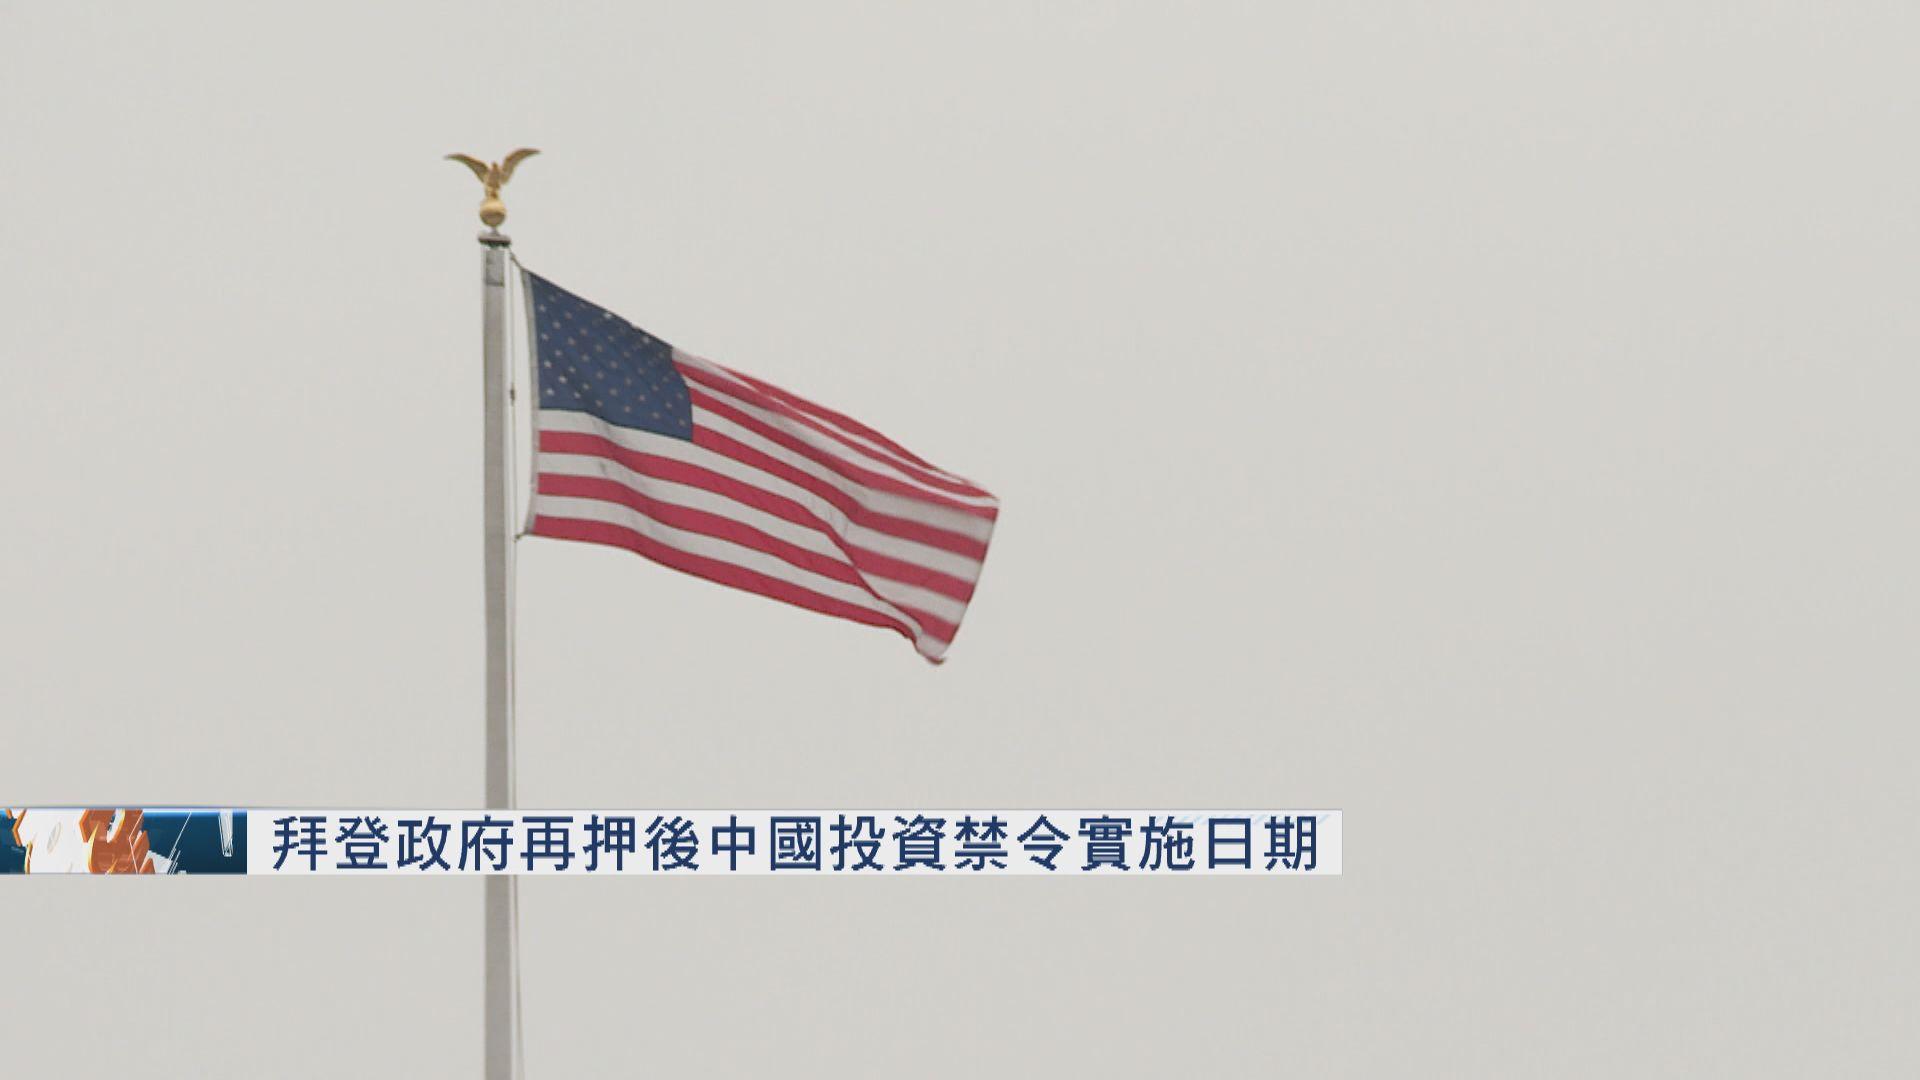 拜登政府再押後中國投資禁令實施日期